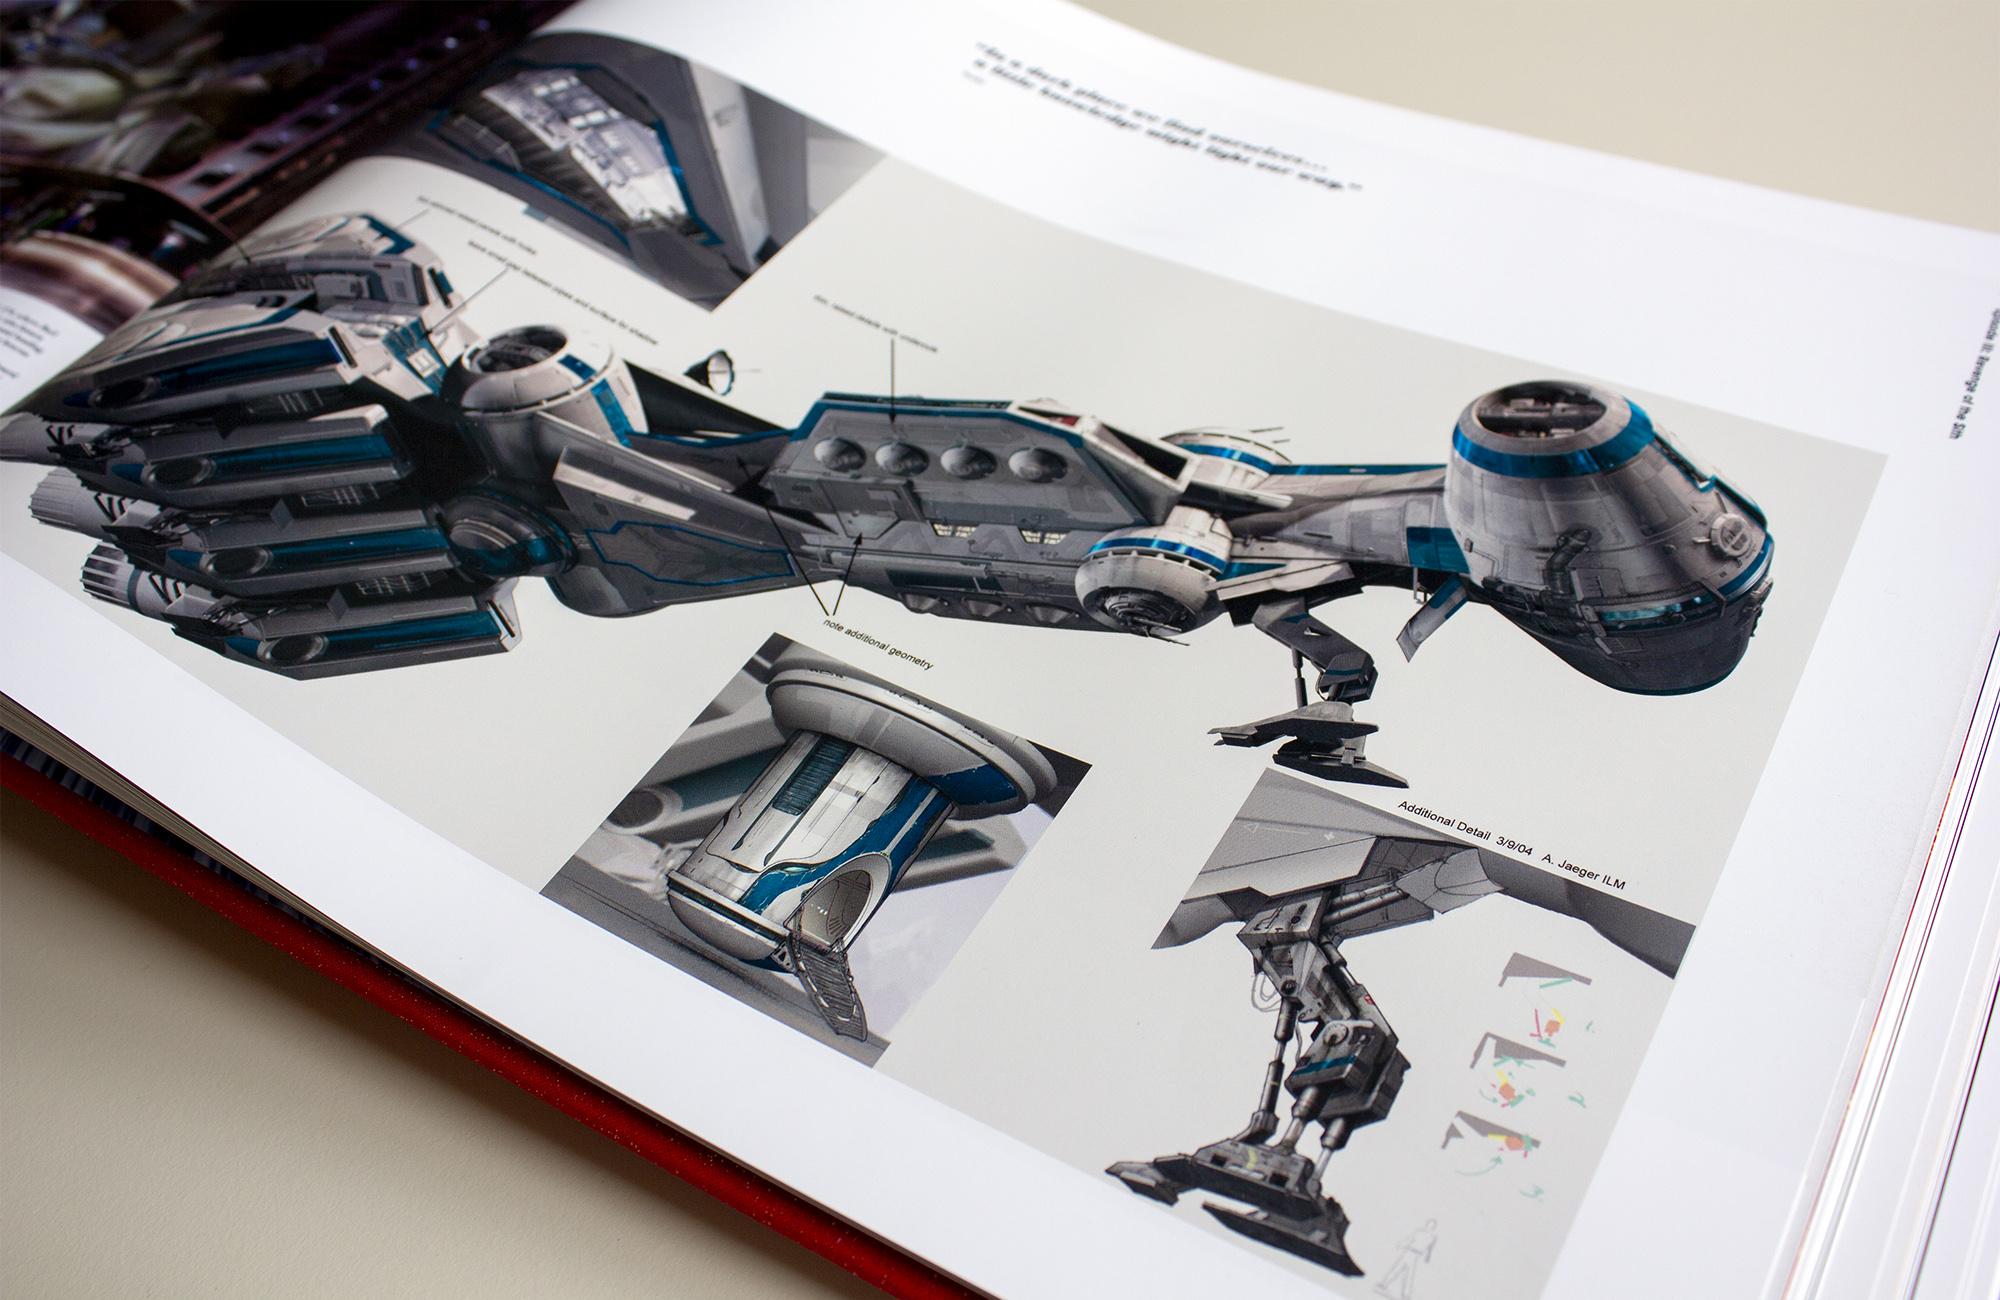 Conocept details voor de cruiser van Bail Organa in Episode III.